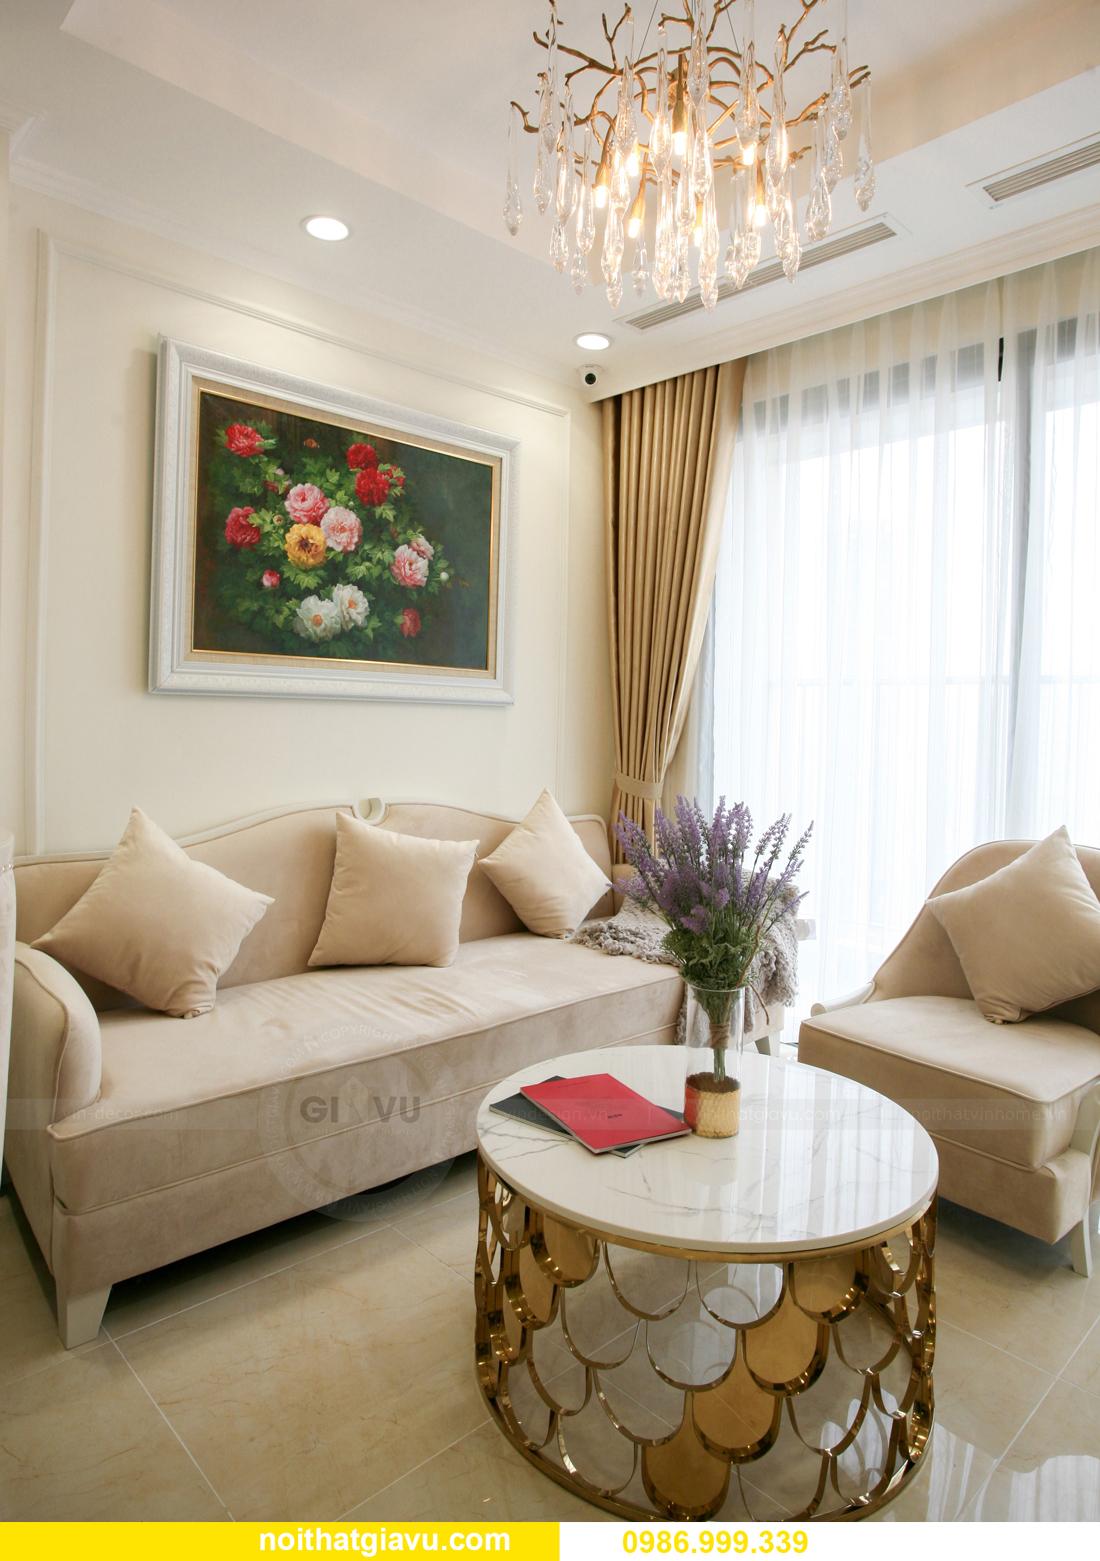 thi công nội thất chung cư cao cấp tại Hà Nội uy tín, chuyên nghiệp 15